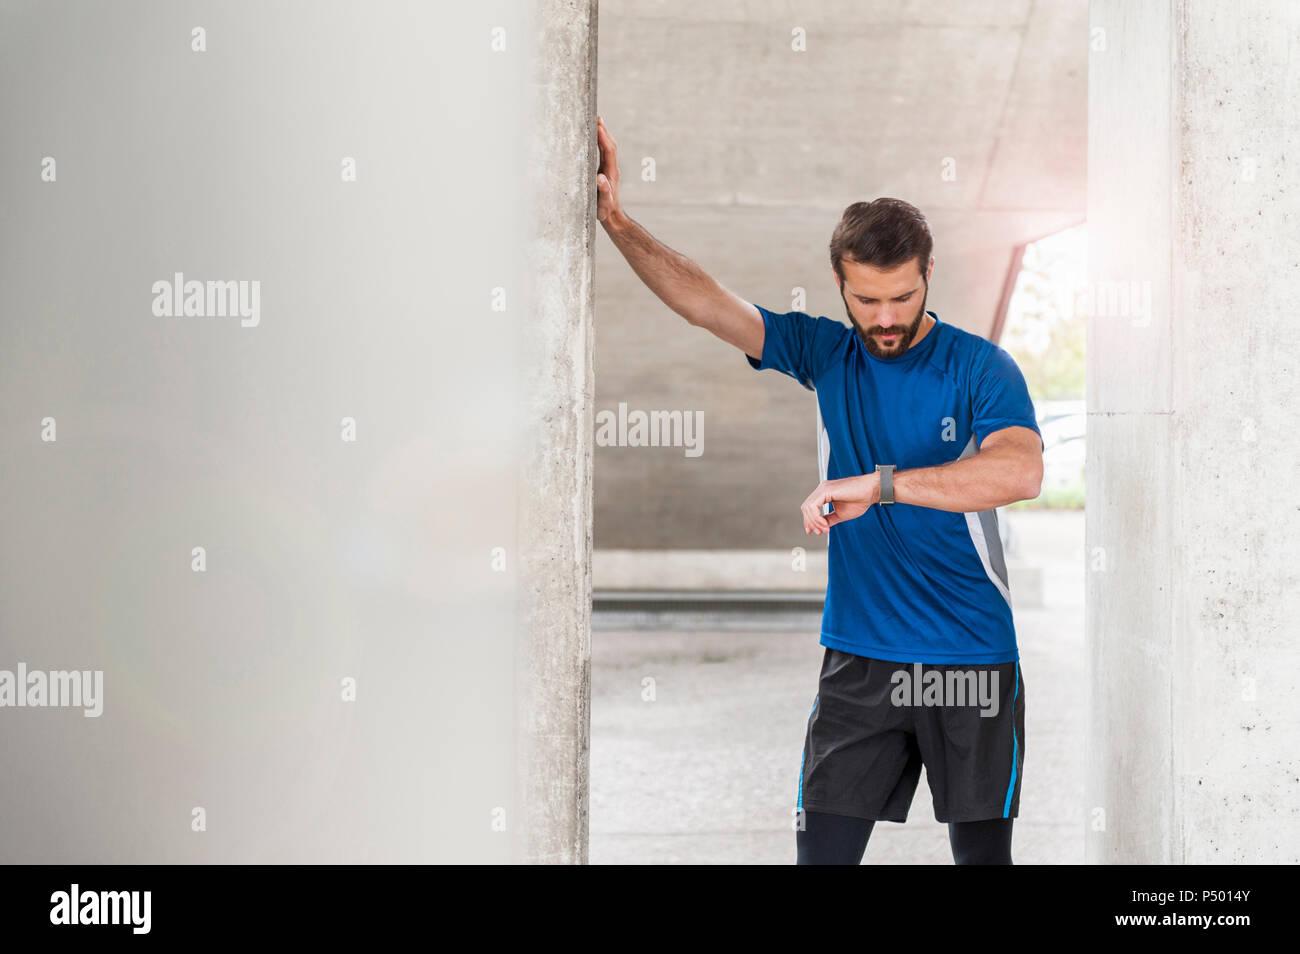 Hombre teniendo un descanso de ejecutar comprobación del tiempo Imagen De Stock